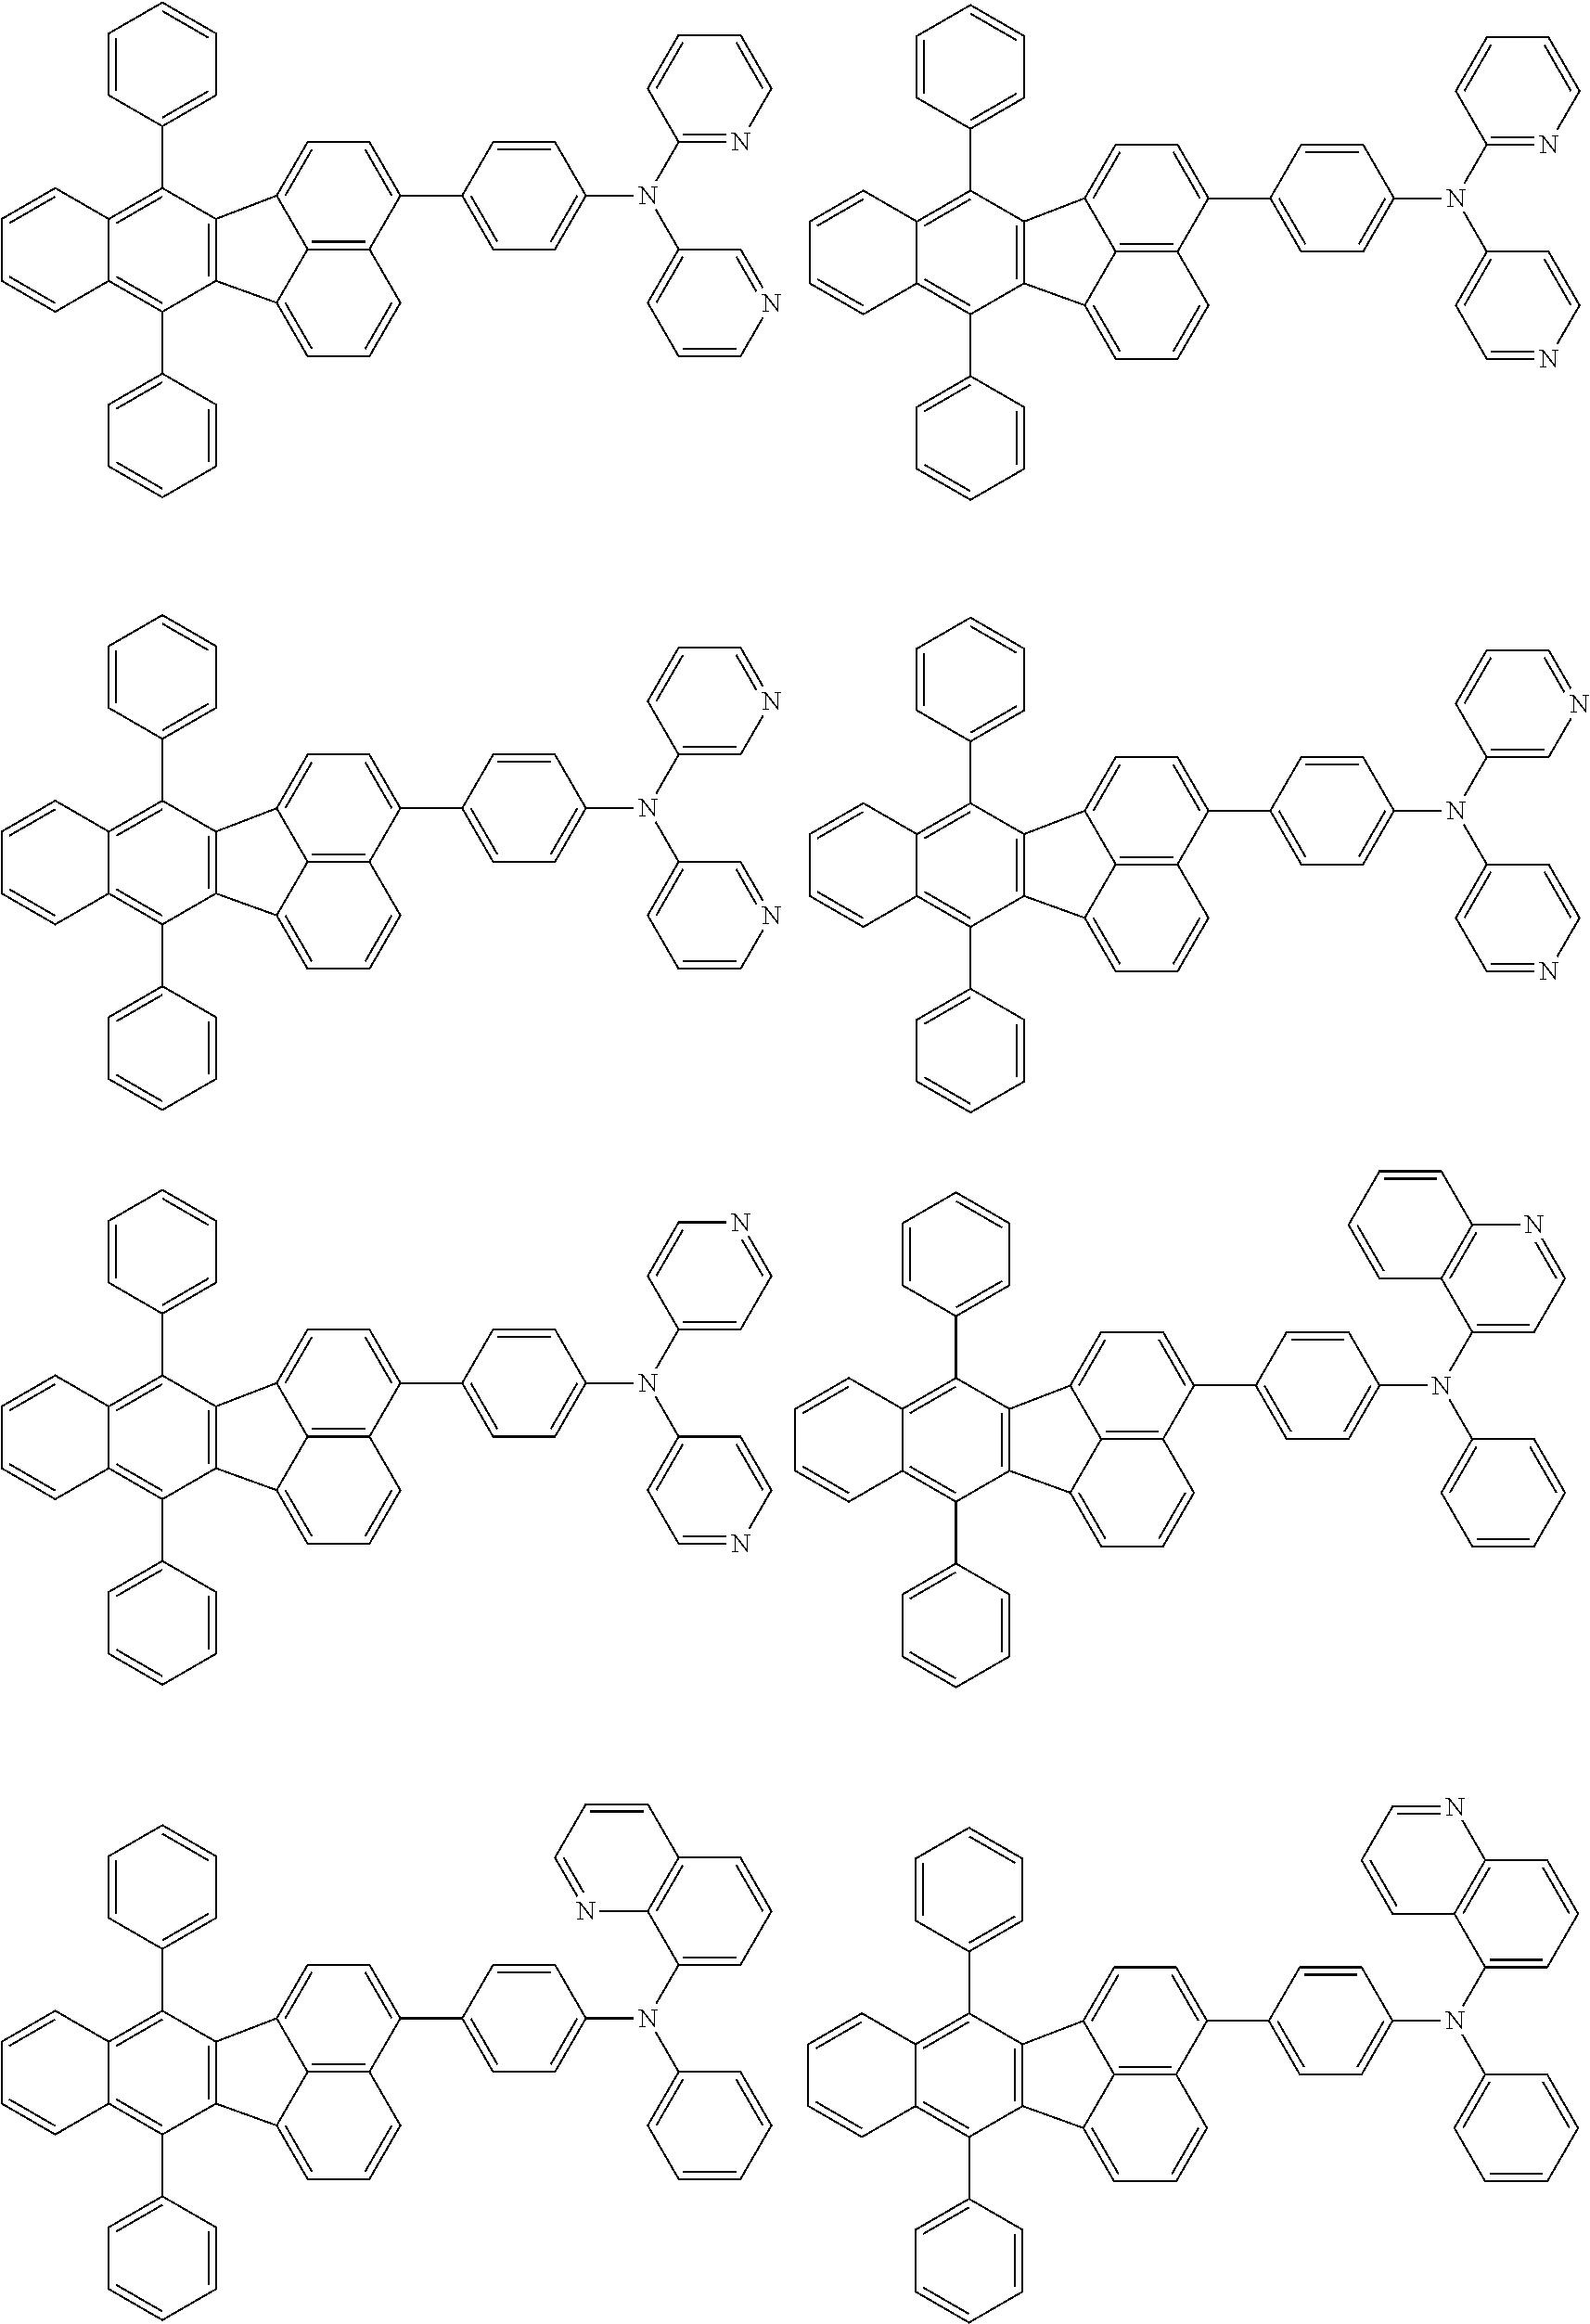 Figure US20150280139A1-20151001-C00049